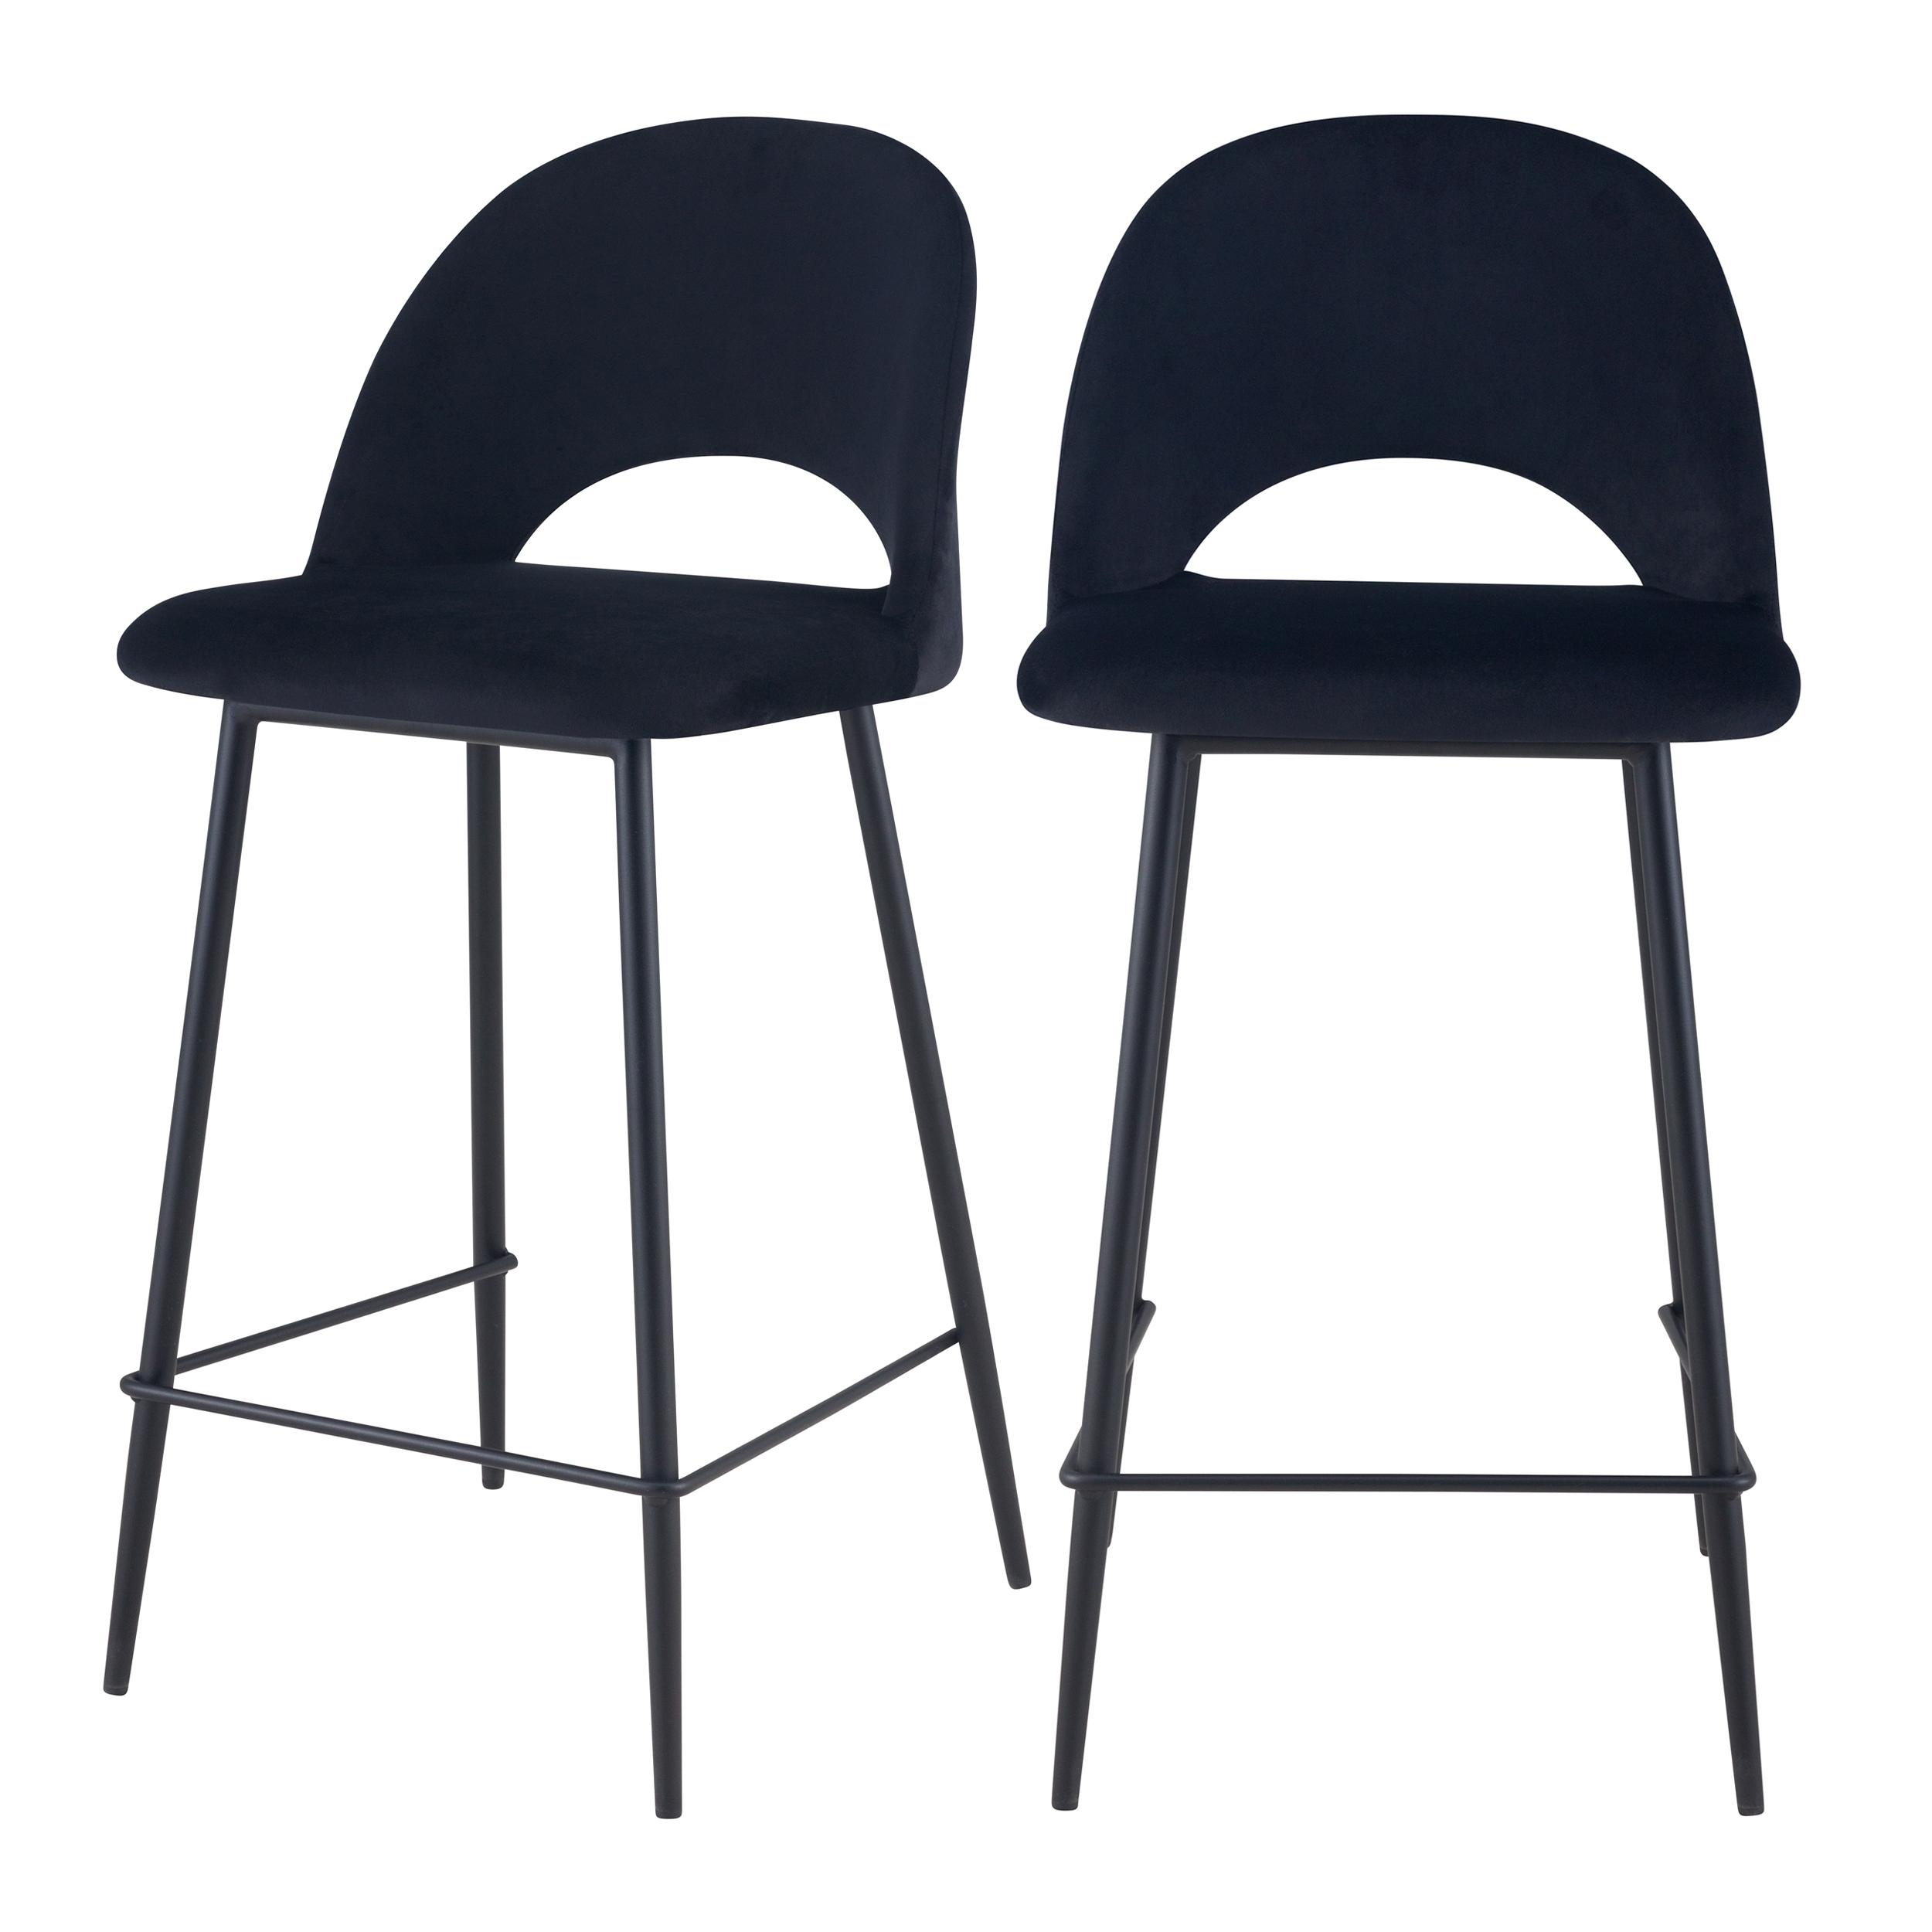 Chaise de bar mi-hauteur 65 cm en velours noir (lot de 2)